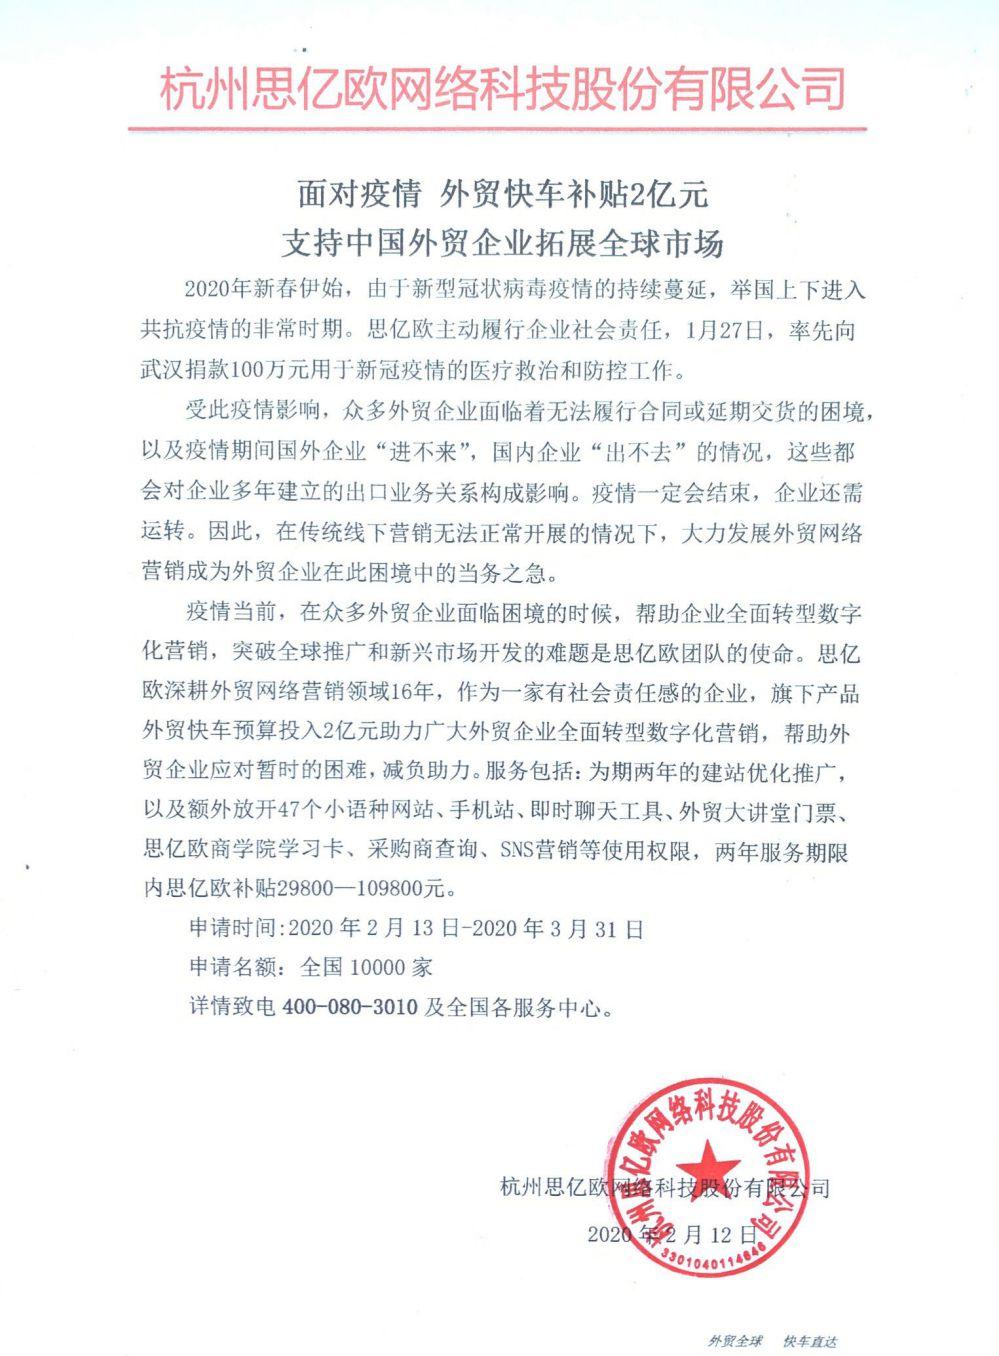 外贸快车补贴2亿元支持中国外贸企业拓展全球市场